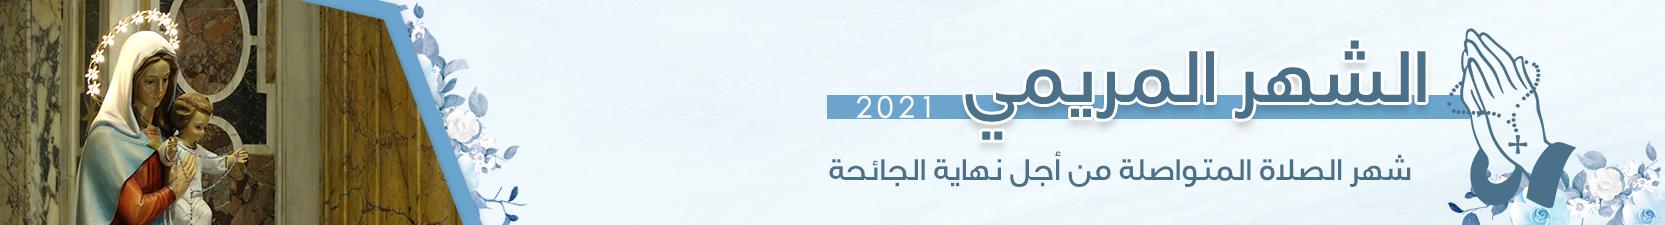 أيار 2021